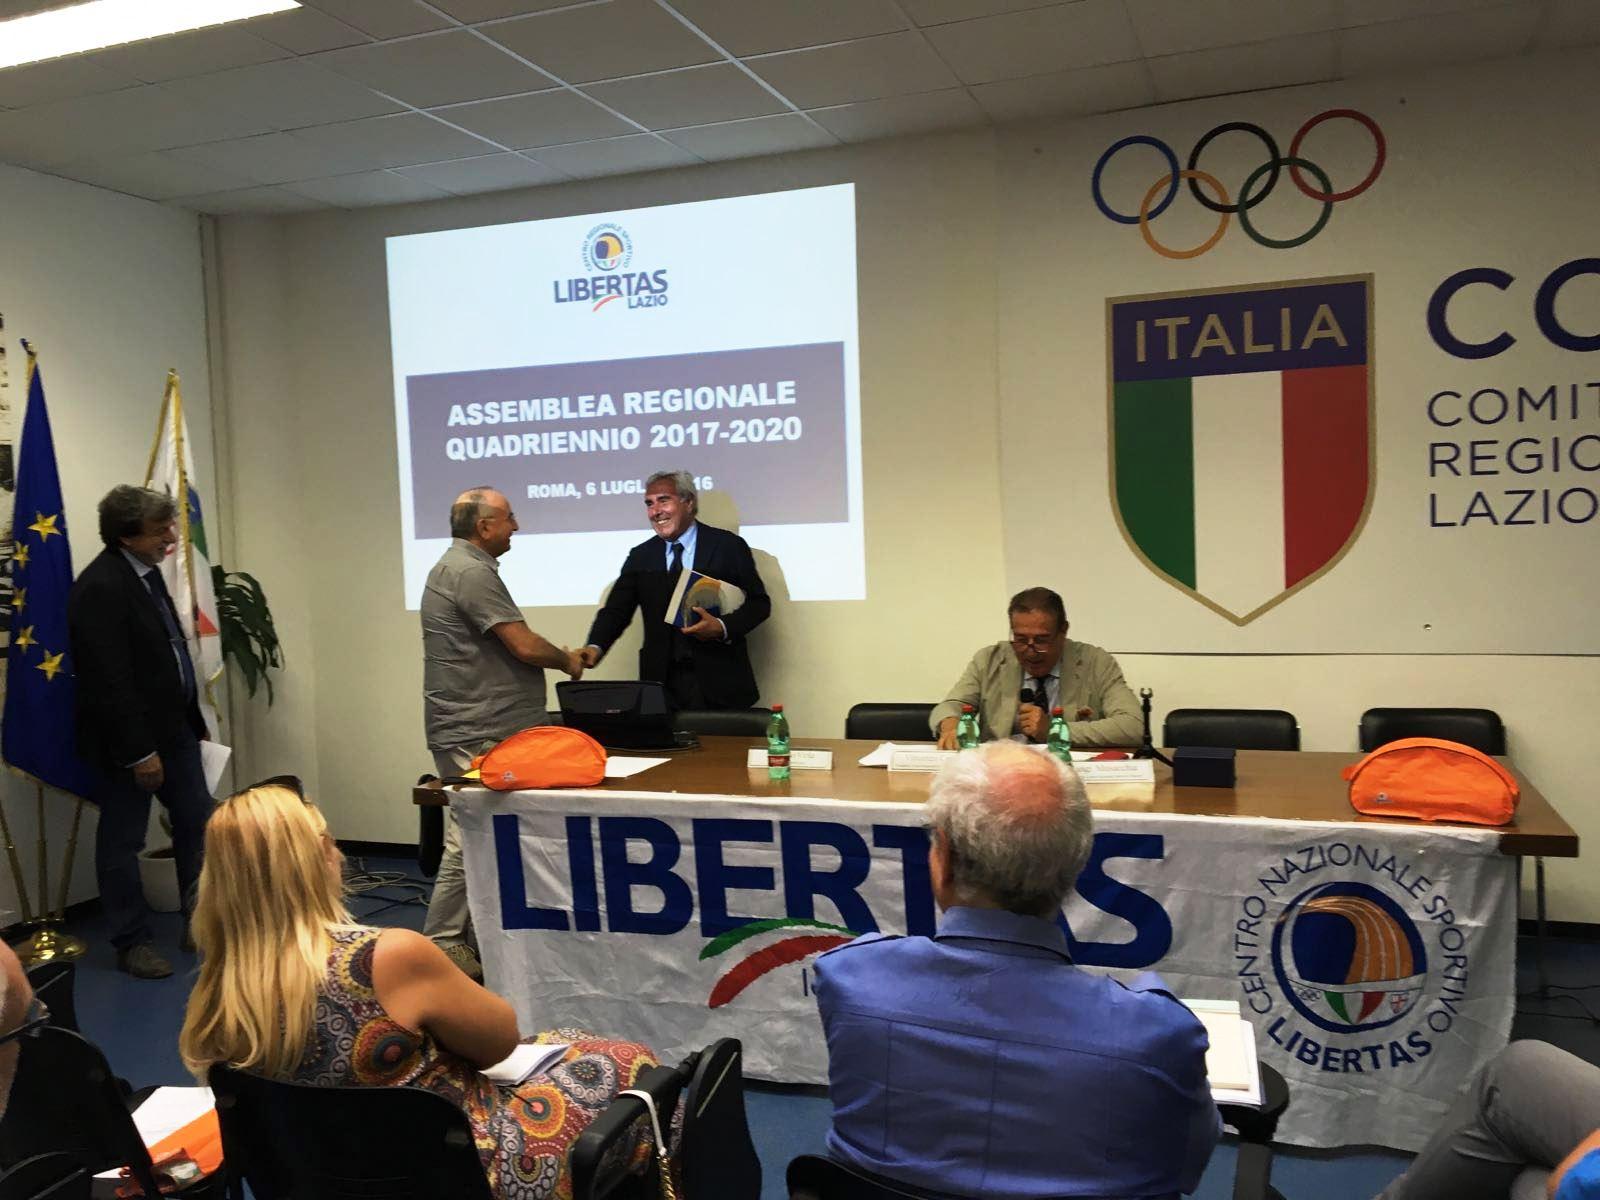 N. 1 Il Presidente Del Coni Riccardo Viola Saluta Antonio  Di Maggio Vice Presidente Dell'assemblea